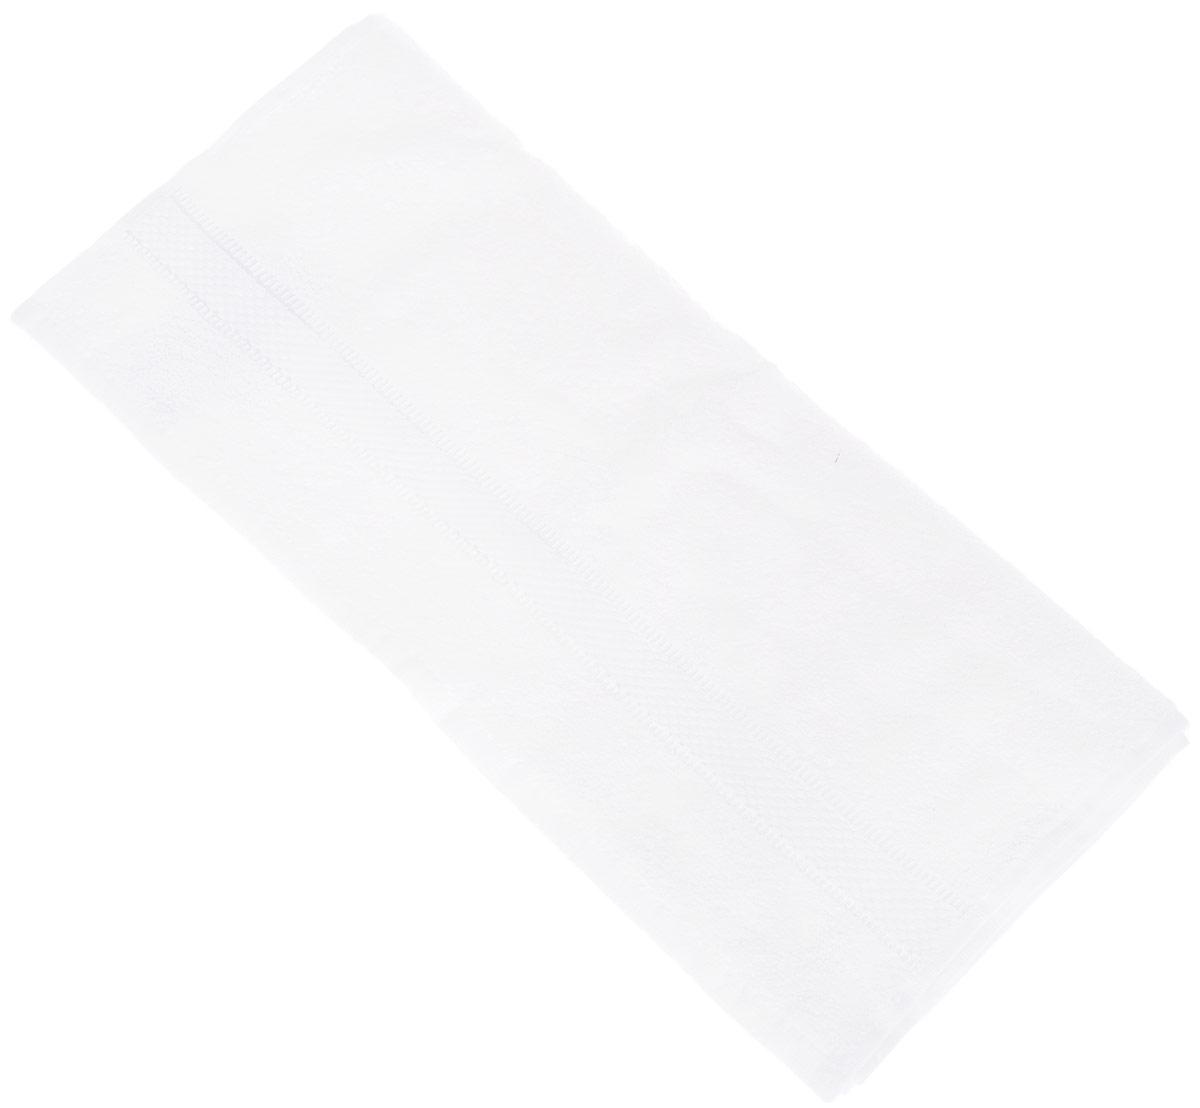 Полотенце Brielle Basic, цвет: белый, 50 х 85 см1209Полотенца ТАС Приятно удивляют и дают возможность почувствовать себя творцом окружающего декора. Махровая ткань – официальное название «фроте», народное – «махра». Фроте – это натуральная ткань, поверхность которой состоит из ворса (петель основных нитей). Ворс может быть как одинарным (односторонним), так и двойным (двусторонним).